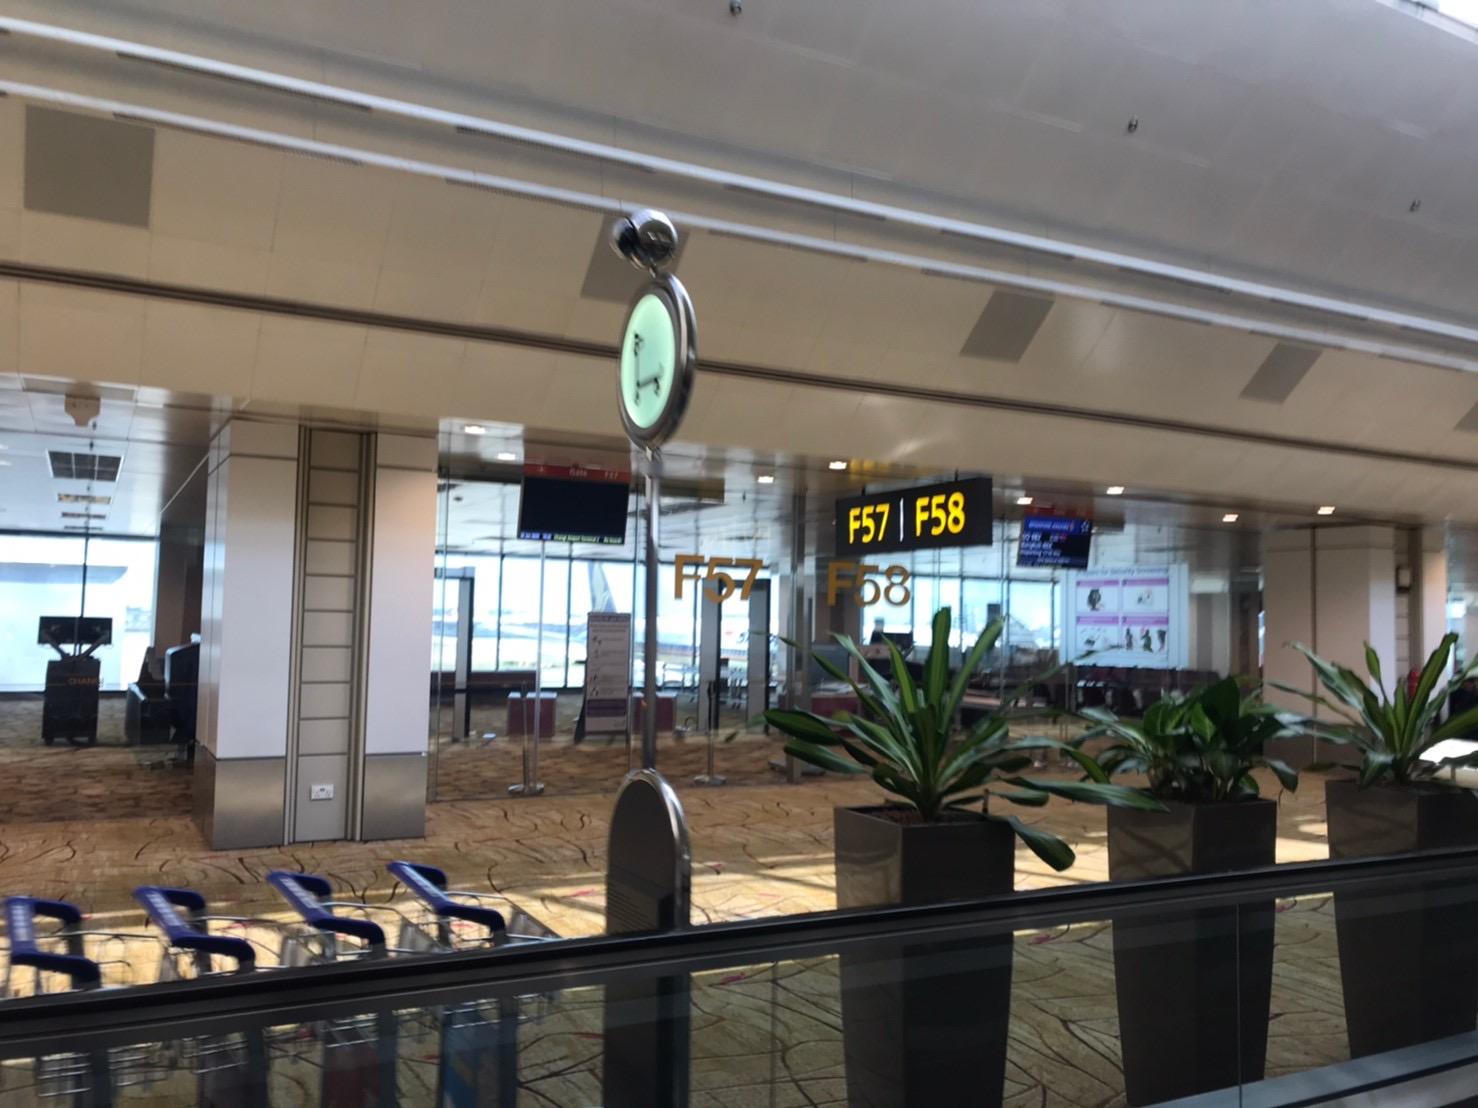 シンガポール航空 SQ655 到着 ターミナル2 F59